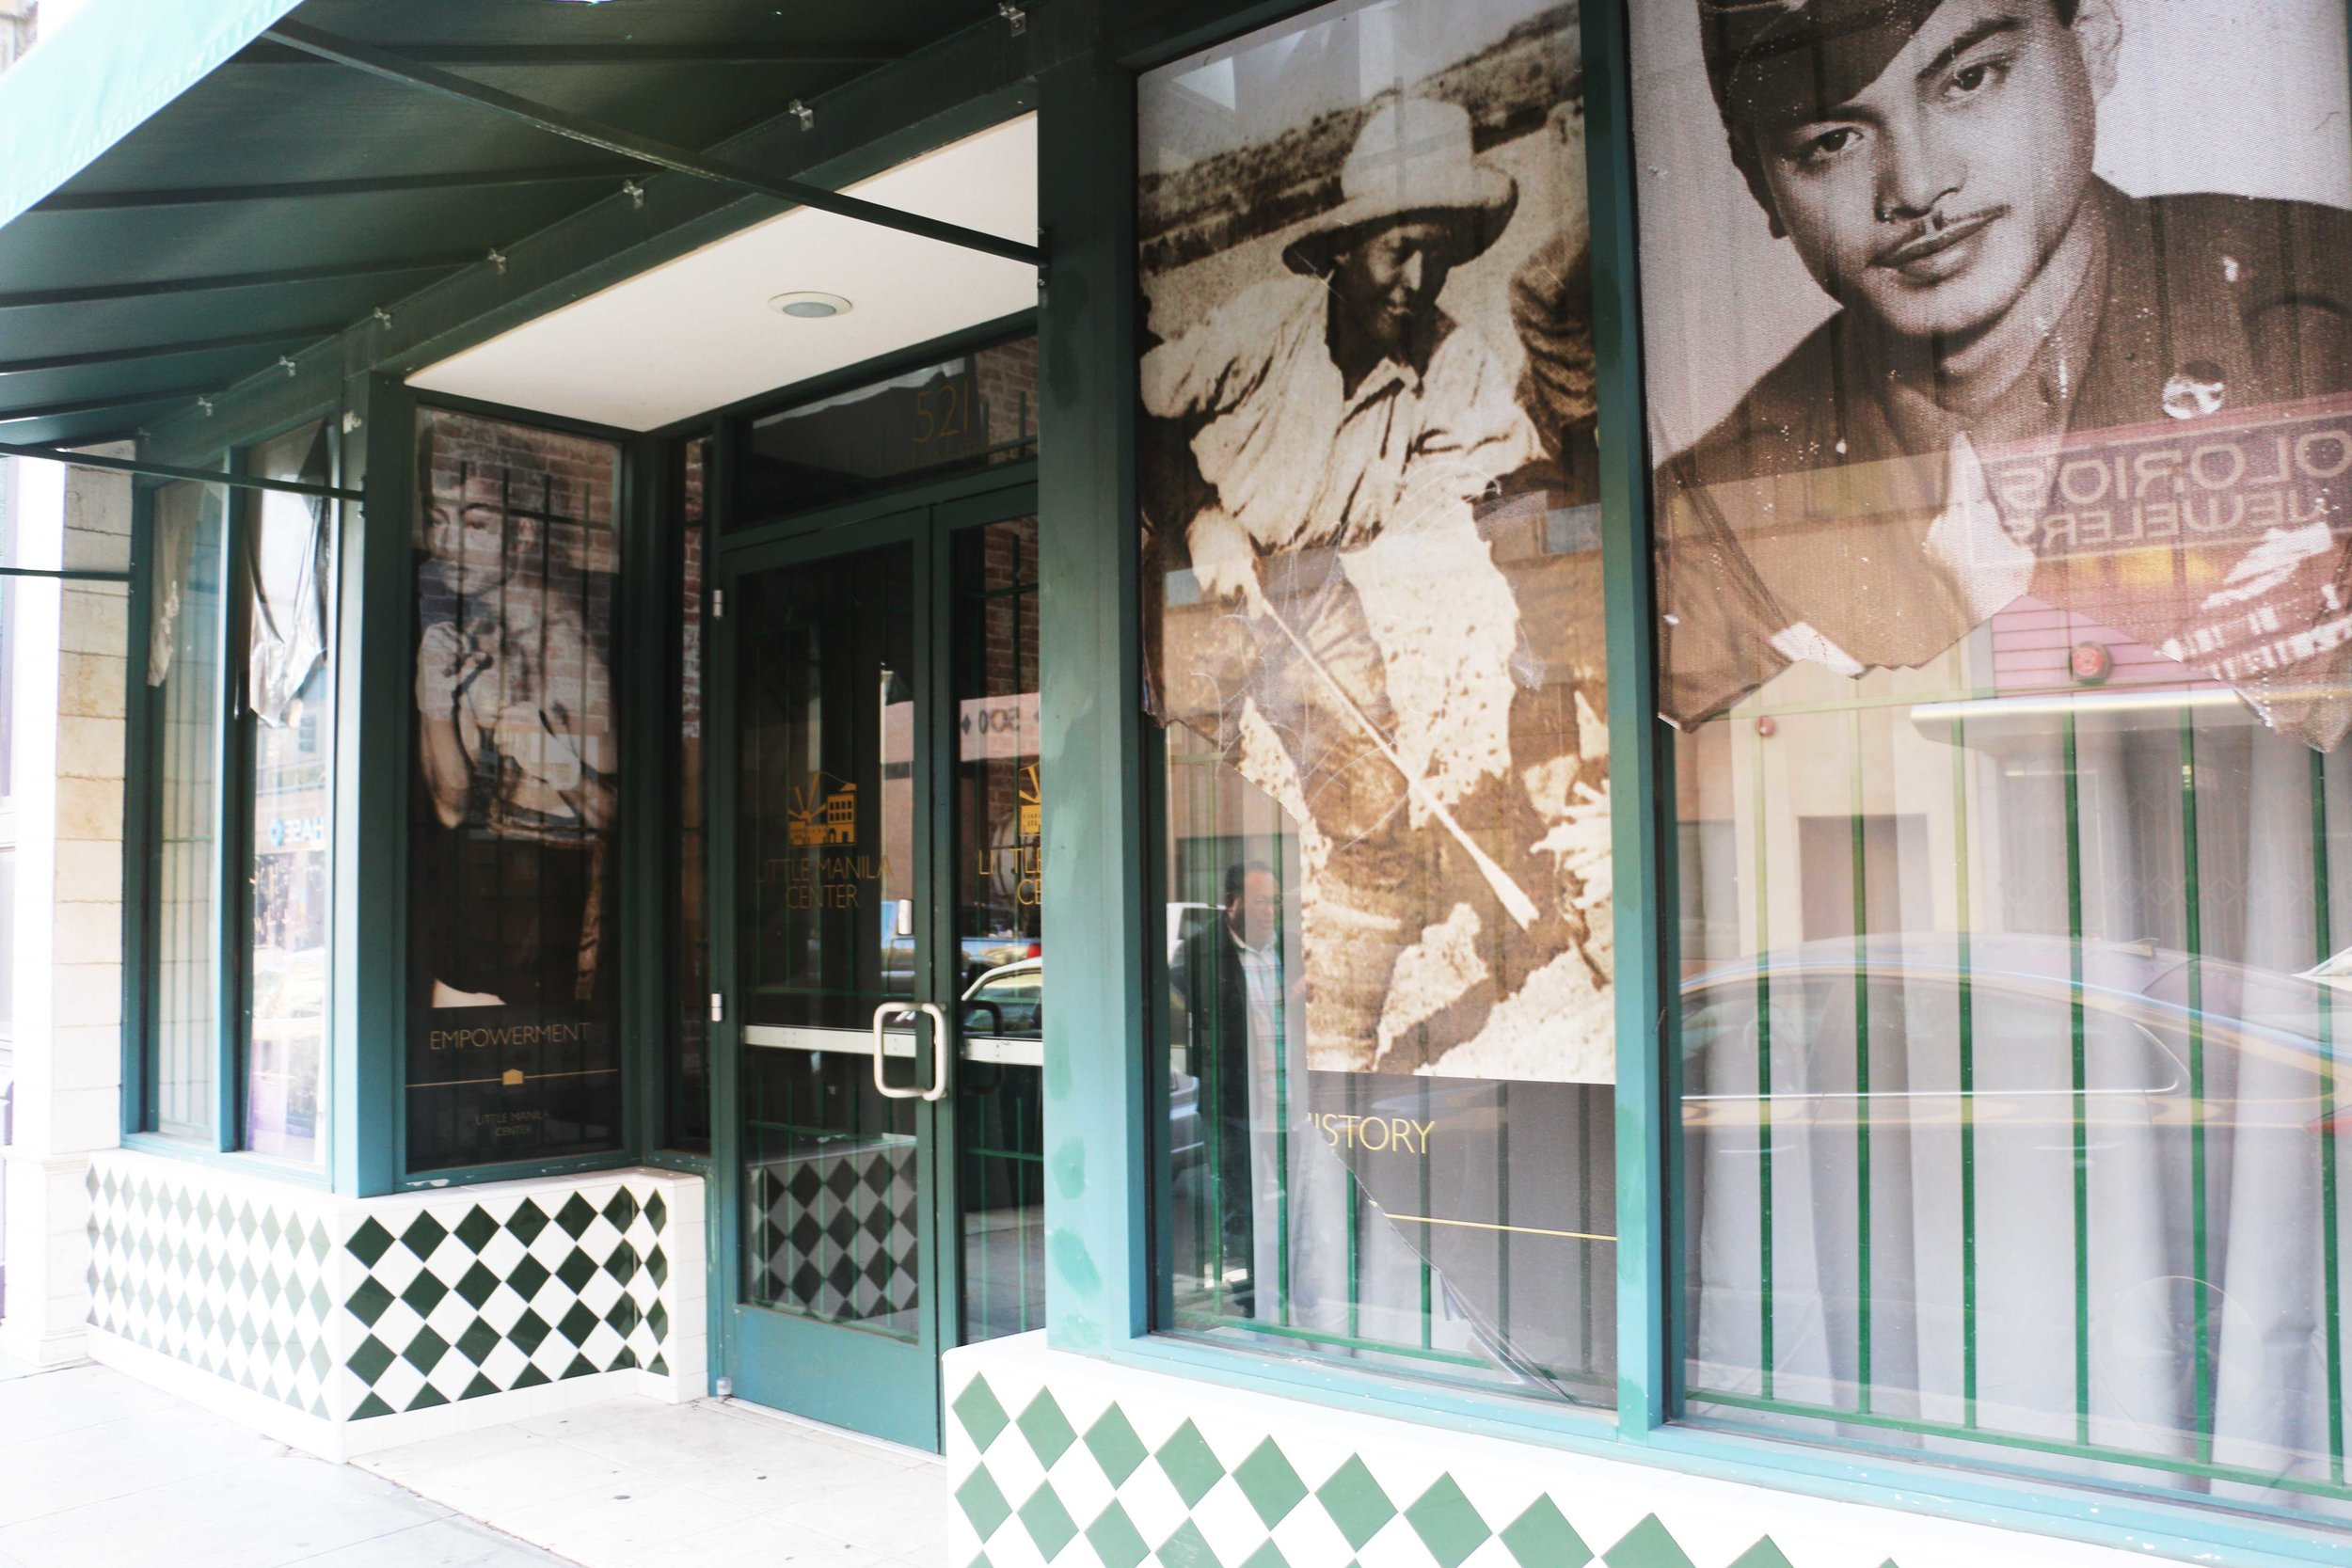 The Little Manila Center in Stockton, California. Photo by Patrick Epino.